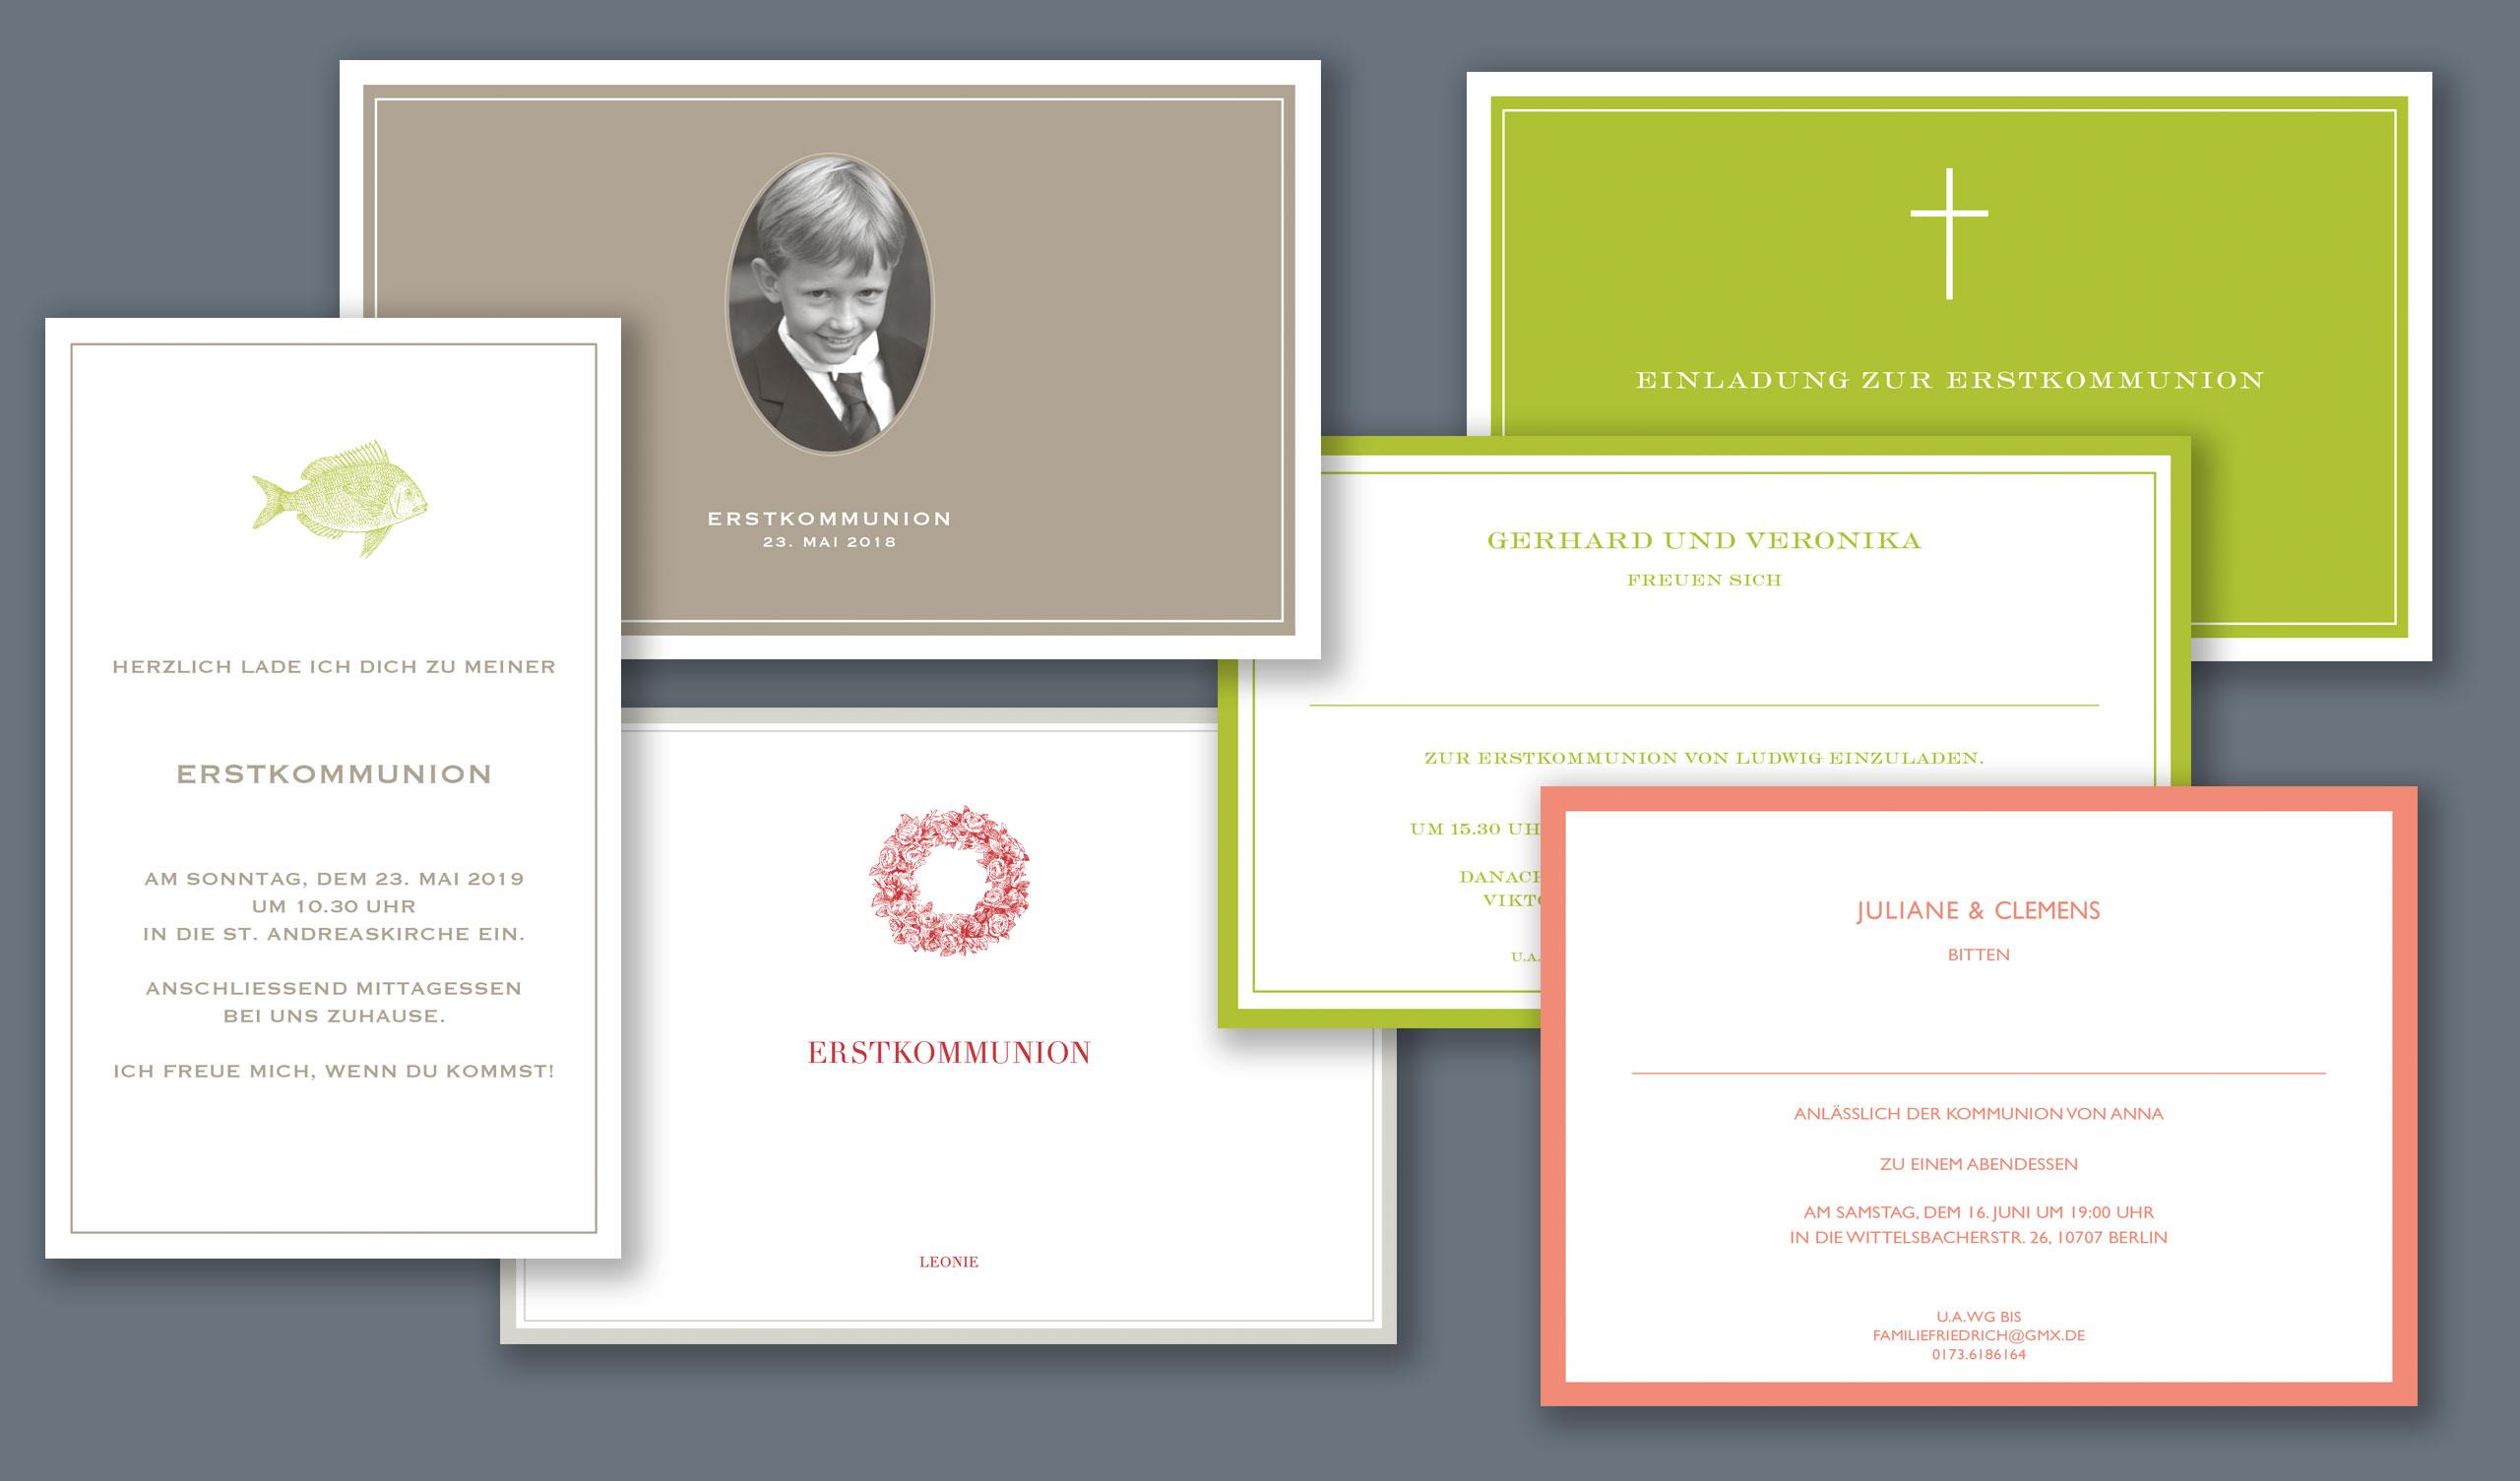 Exklusive Einladungen zur Erstkommunion bestellen